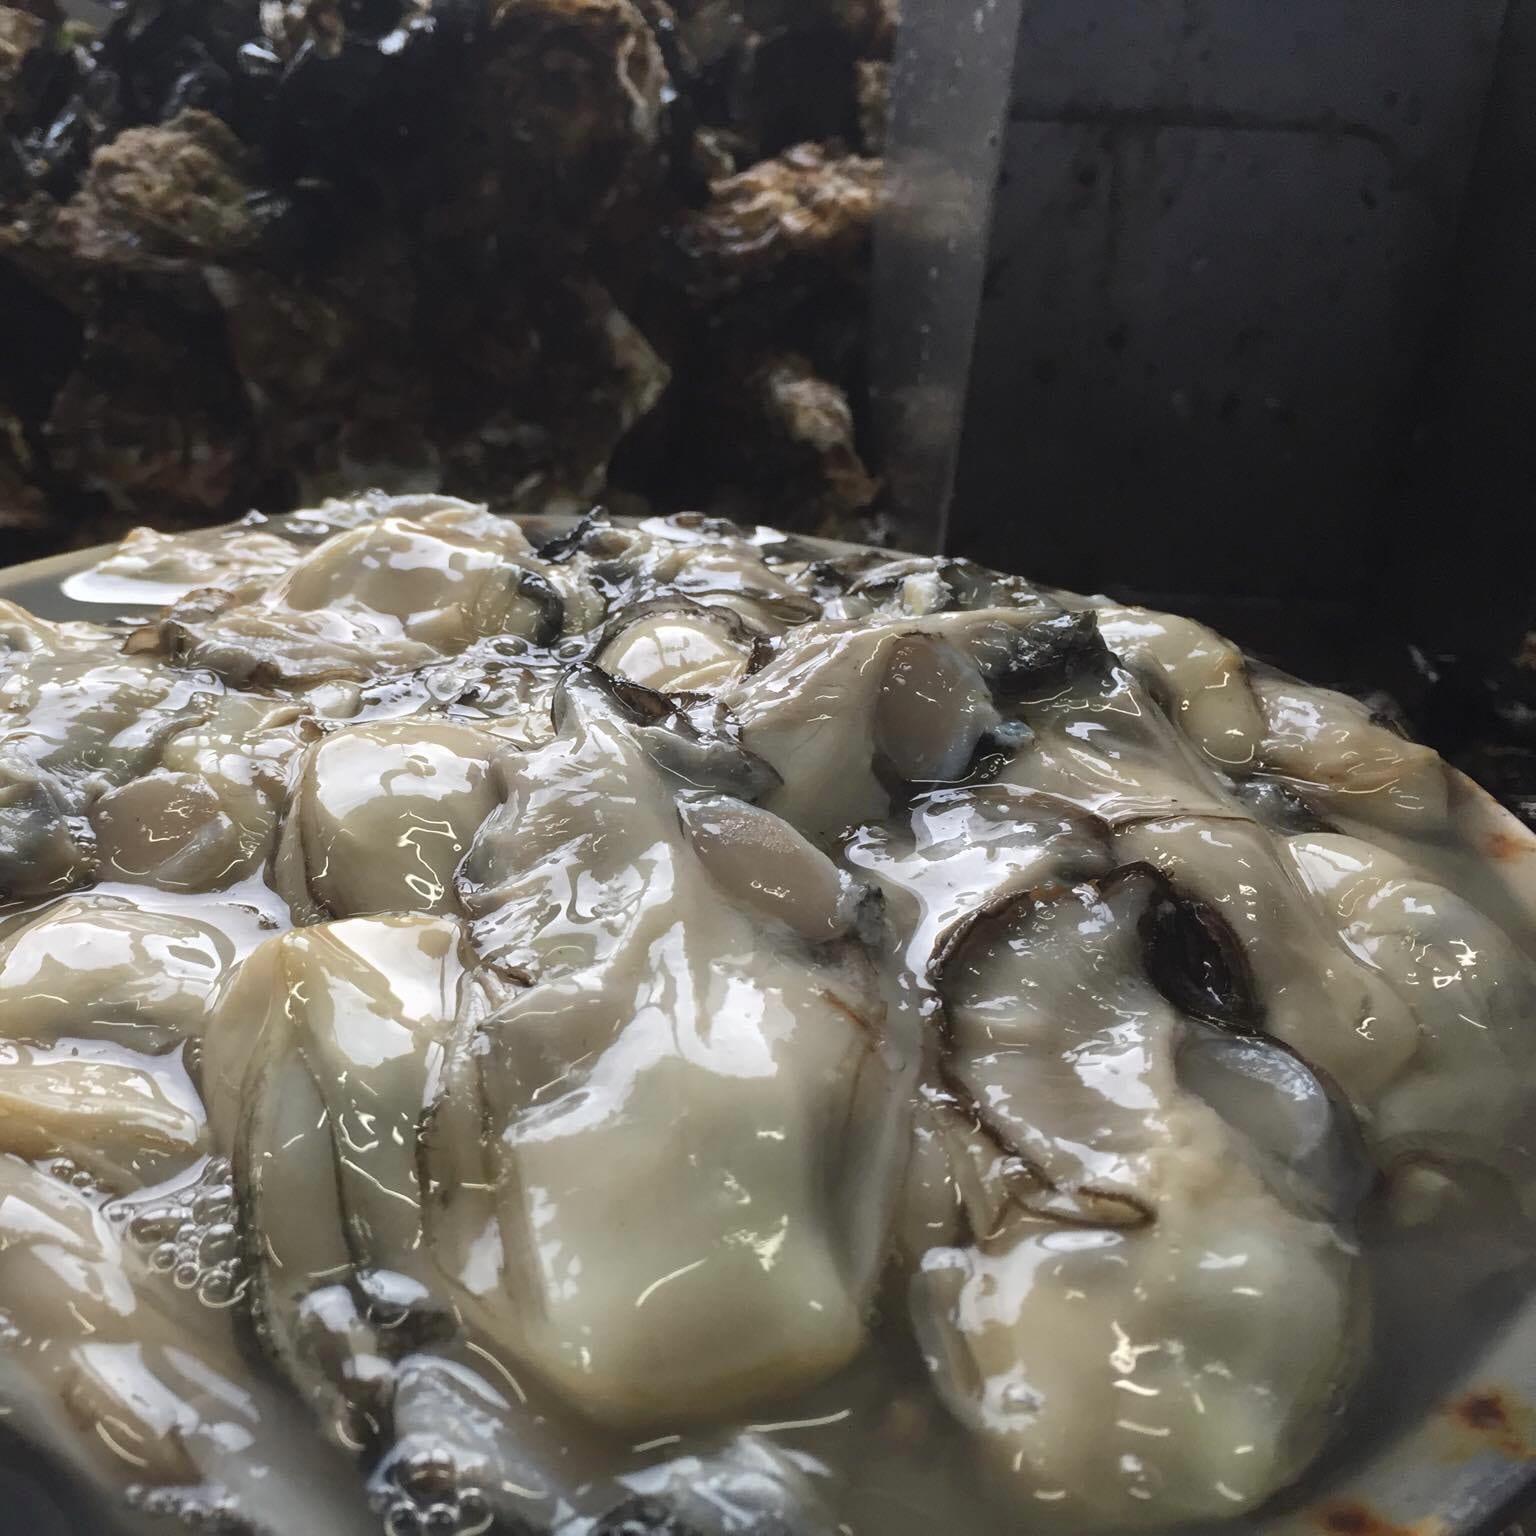 荒波牡蠣復活委員会_荒波牡蠣漁師_剥きカキ